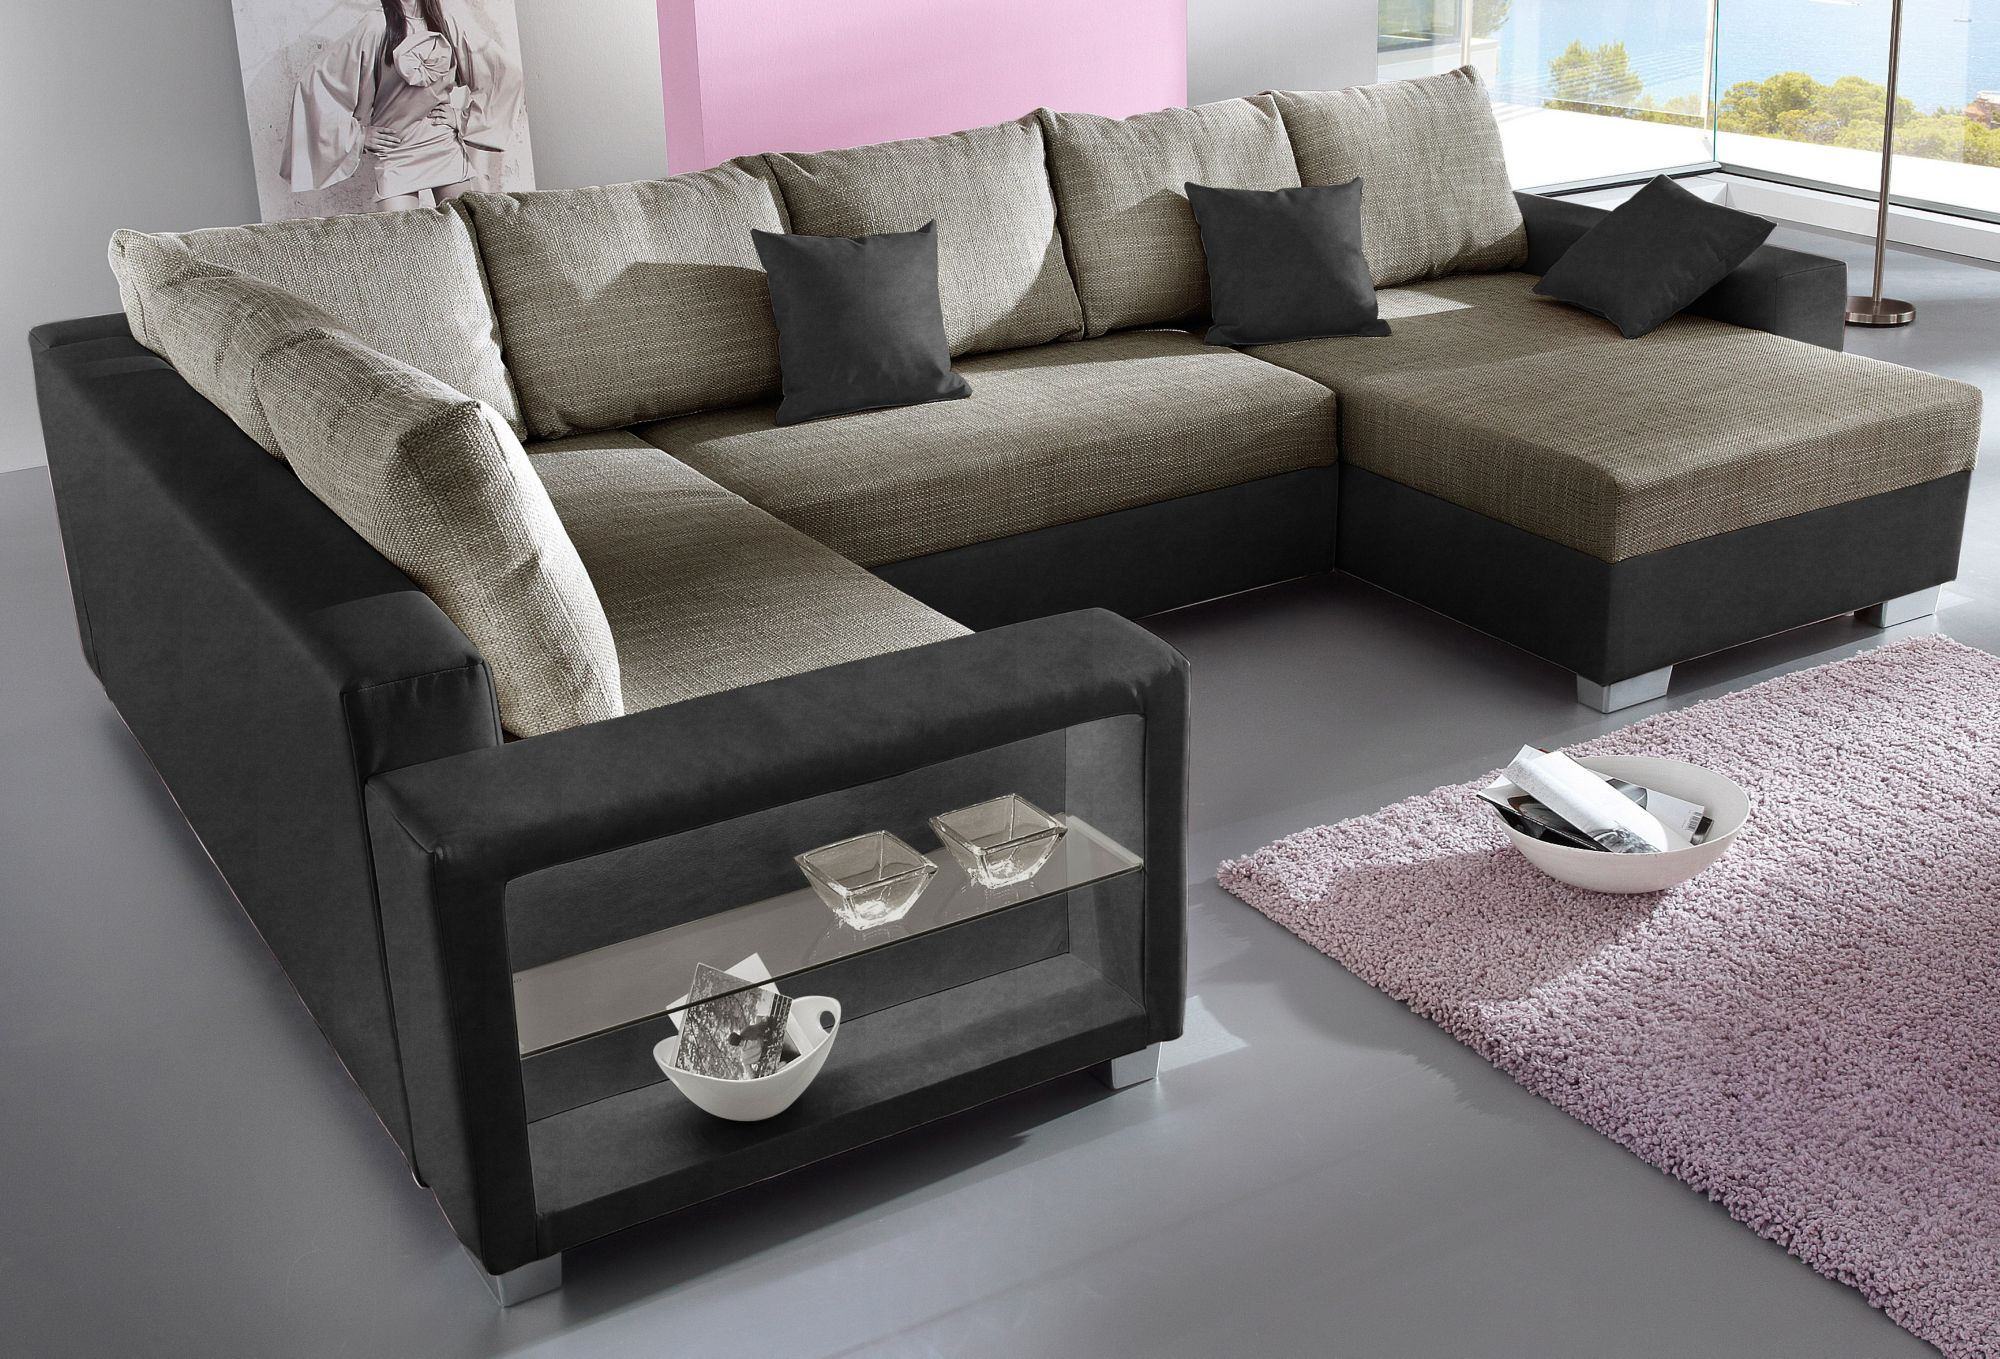 Wohnlandschaft wahlweise mit beleuchtung und bettfunktion schwab versand sofas couches Sofa primabelle